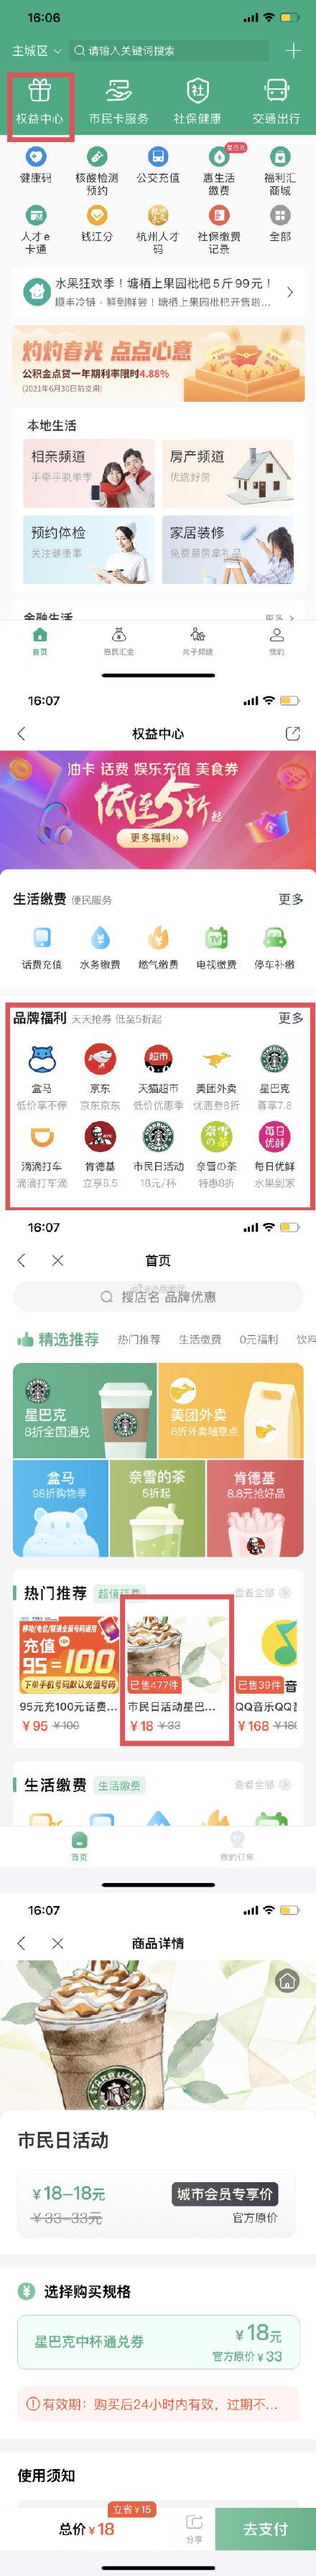 反馈 限制杭州地区杭州市民卡APP,可以18元买一张星巴